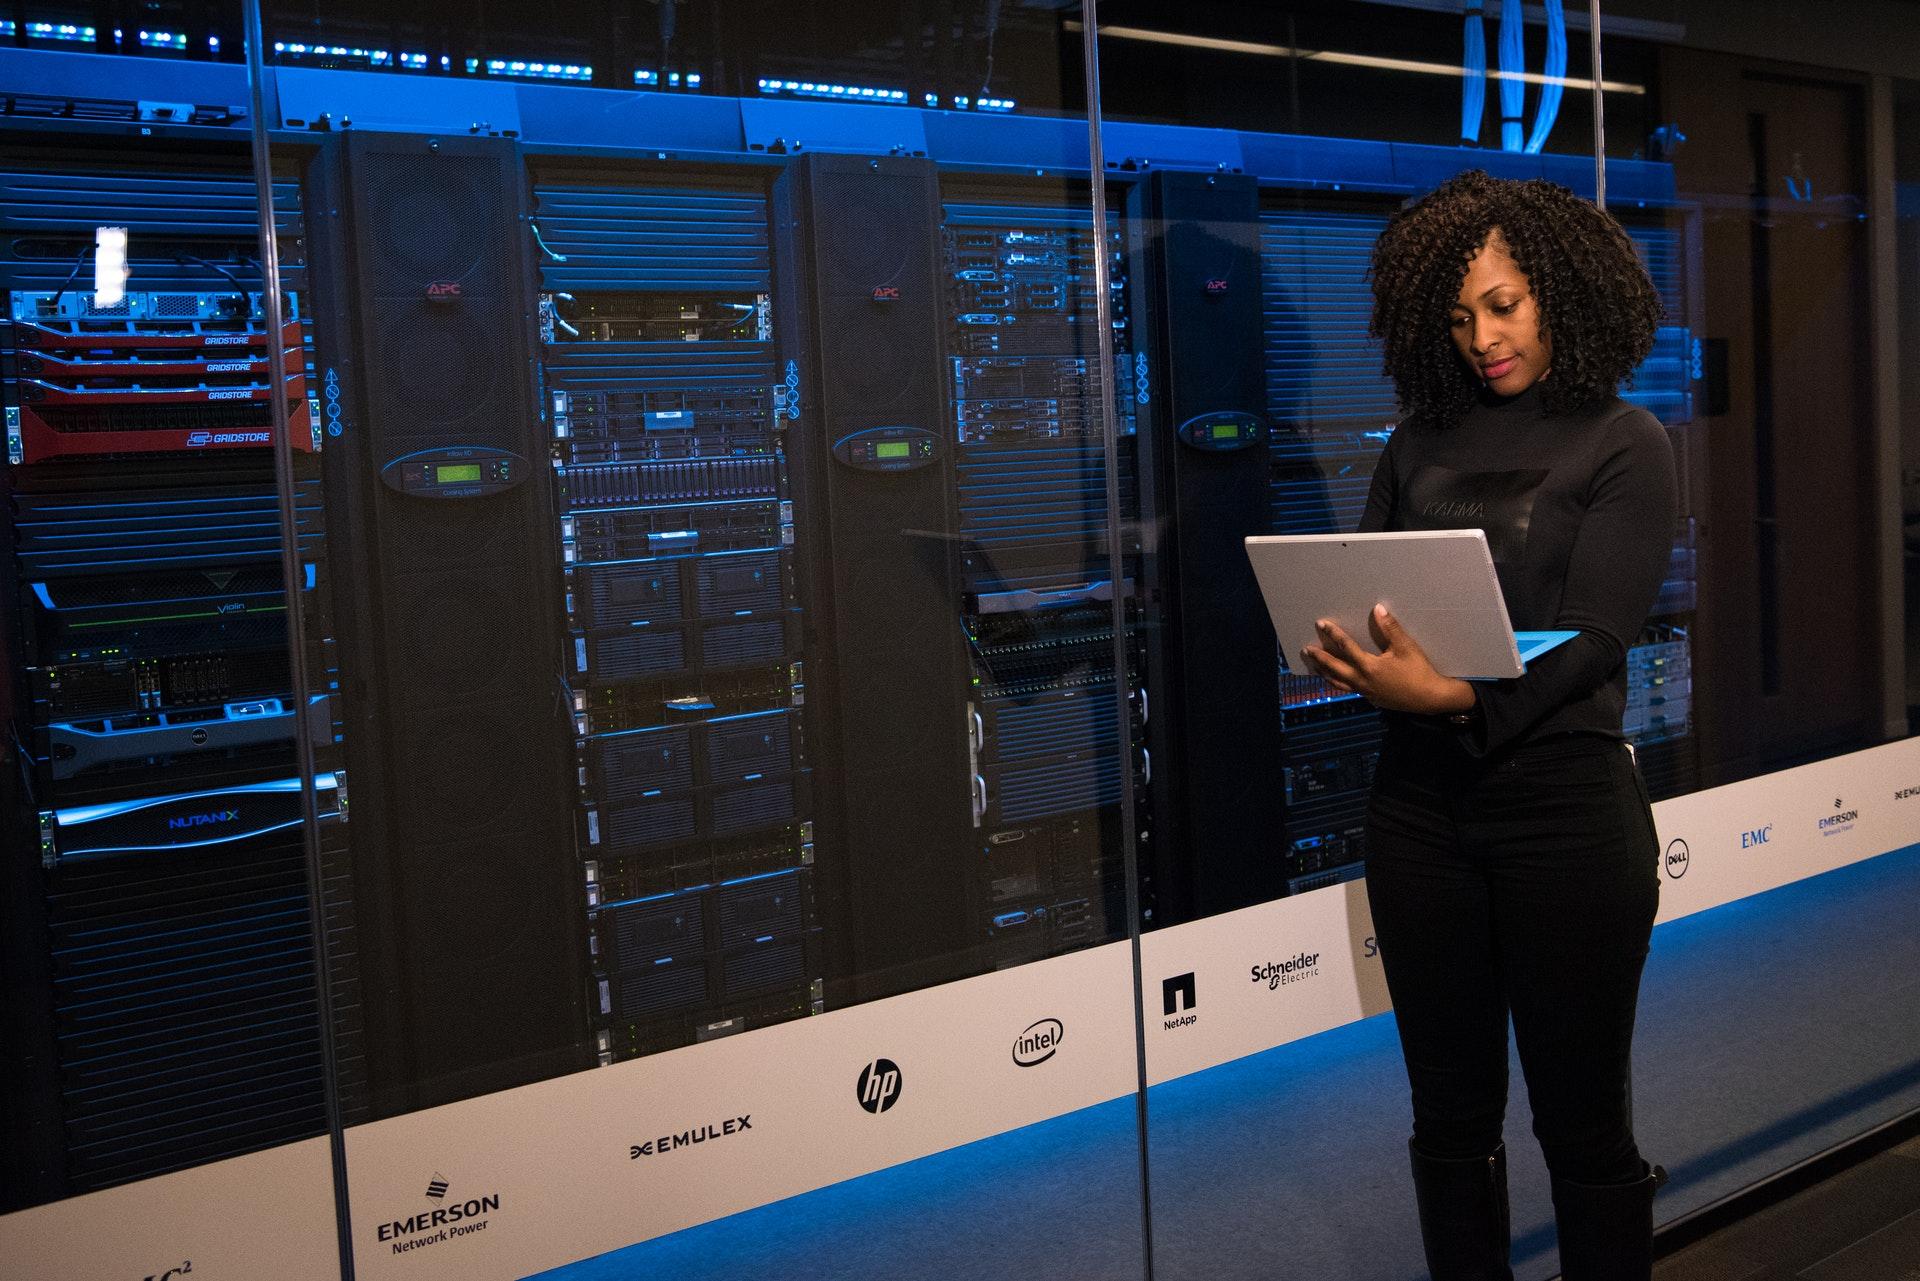 pbx data center